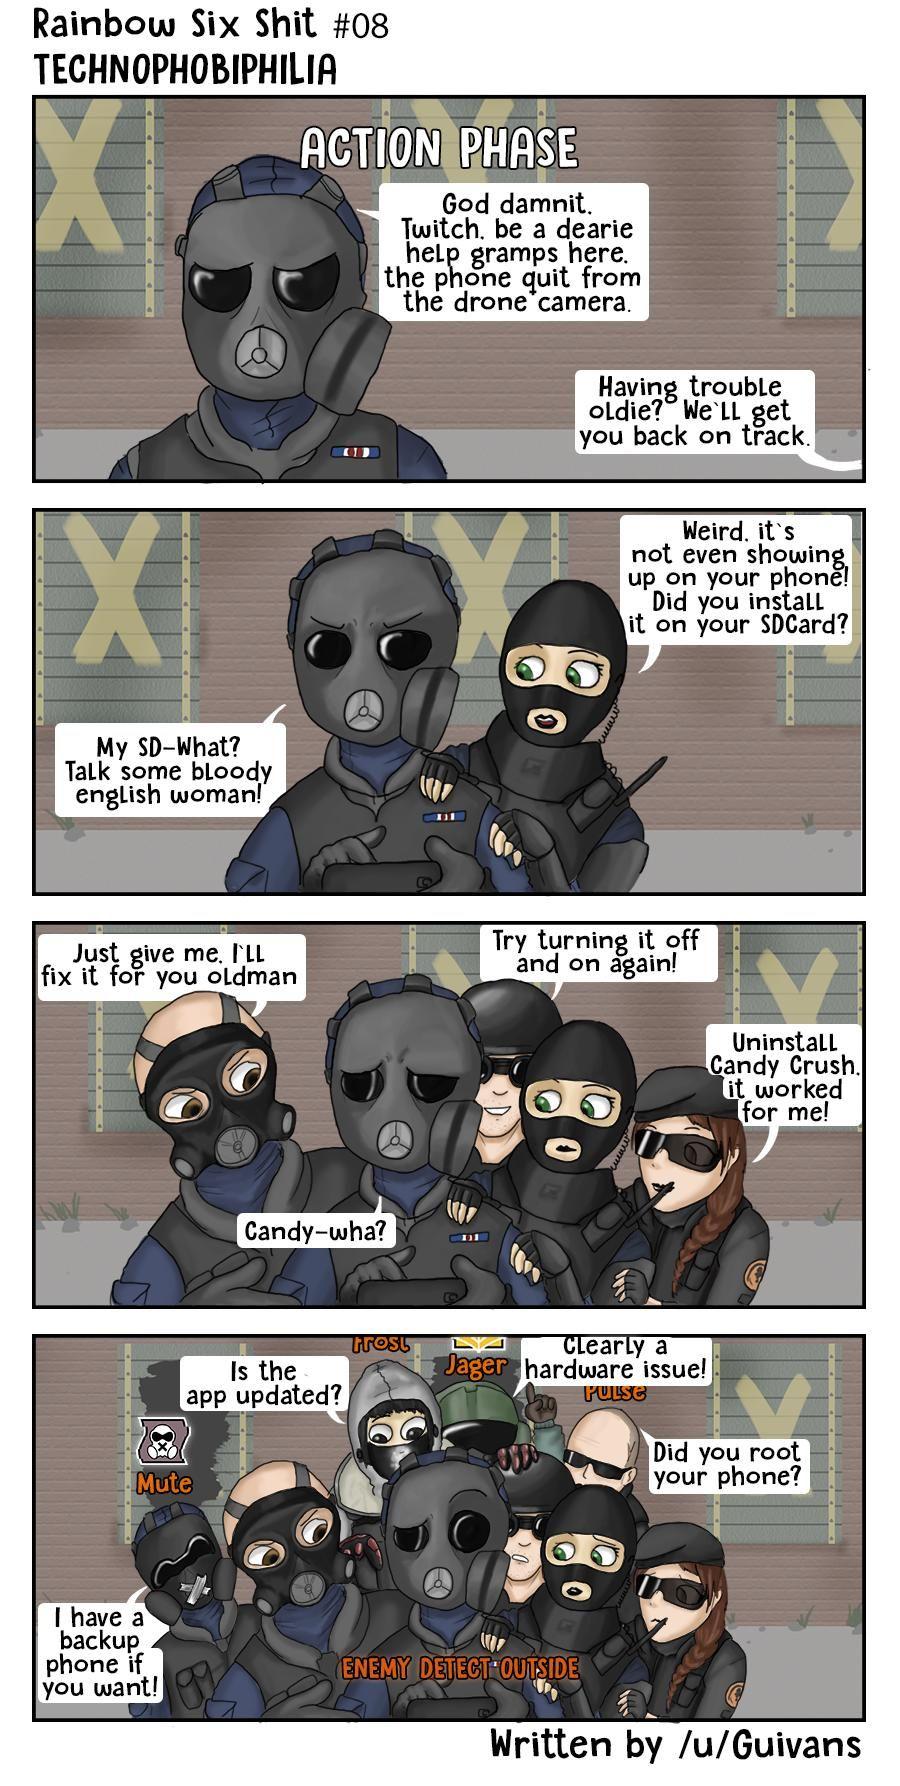 Jager Rainbow 6 Siege Memes